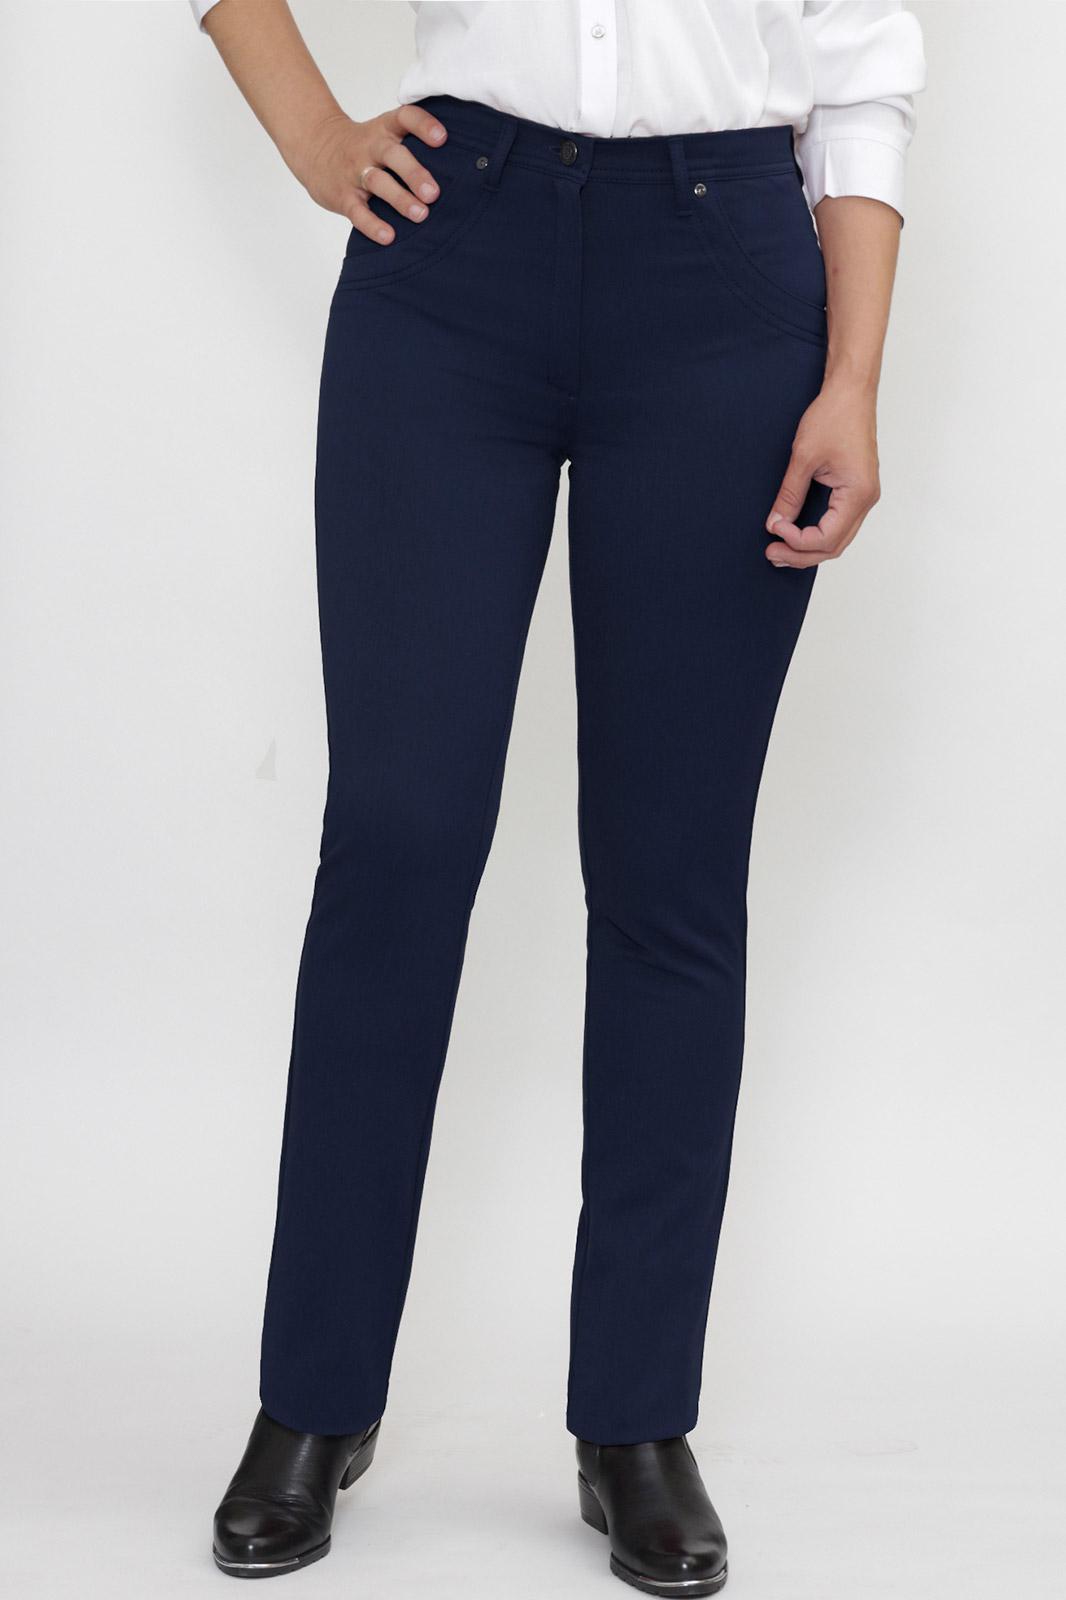 76df1c77b786 Купить женские брюки в интернет-магазине в Минске, недорого